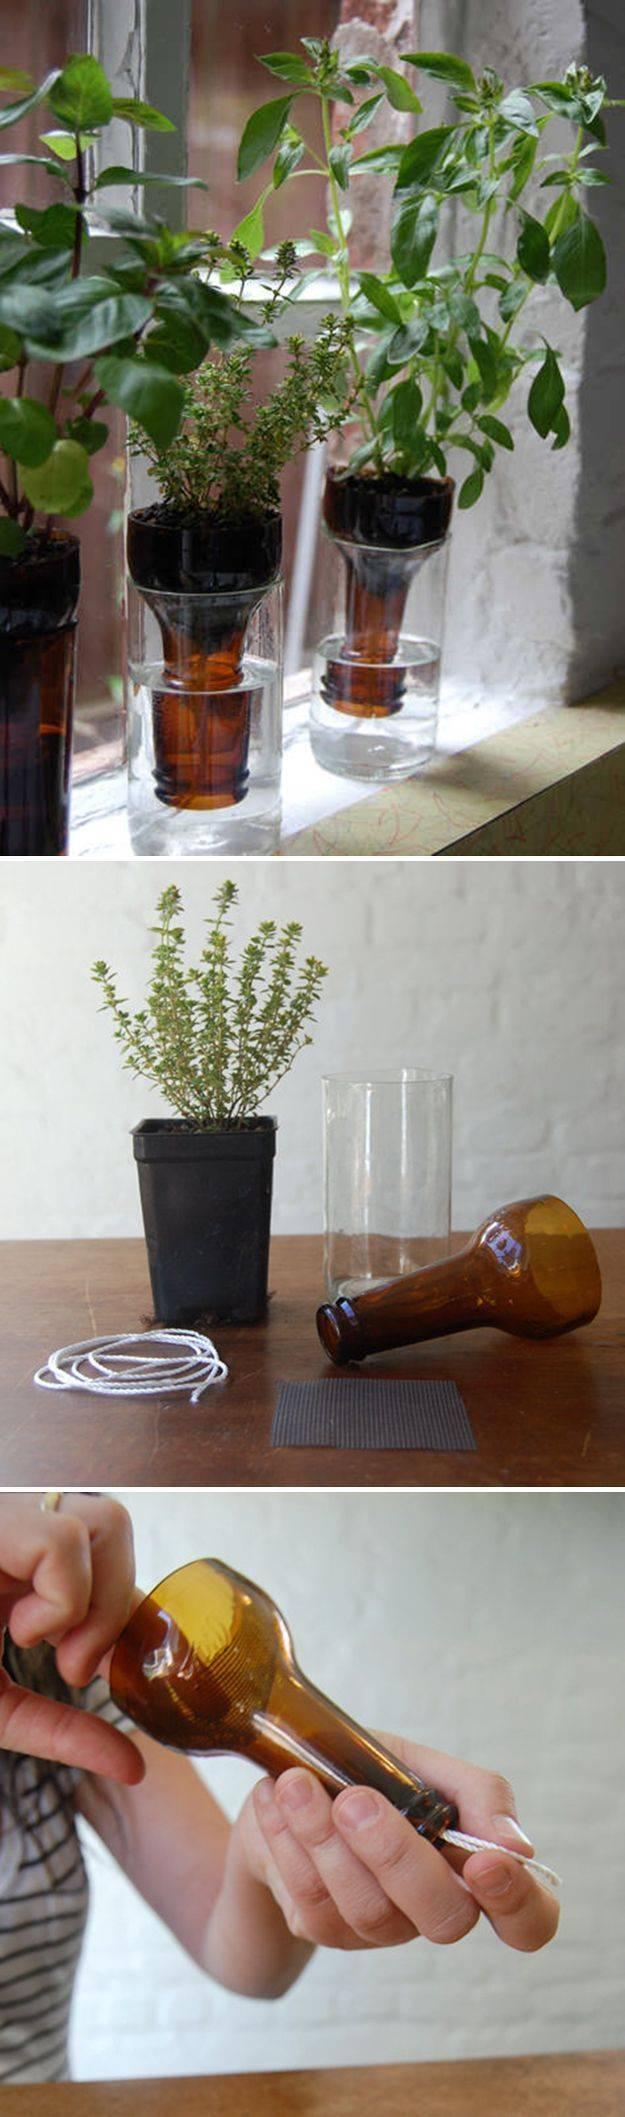 和玻璃杯合作,做自动灌溉花瓶,也是亲密无间默契配合.